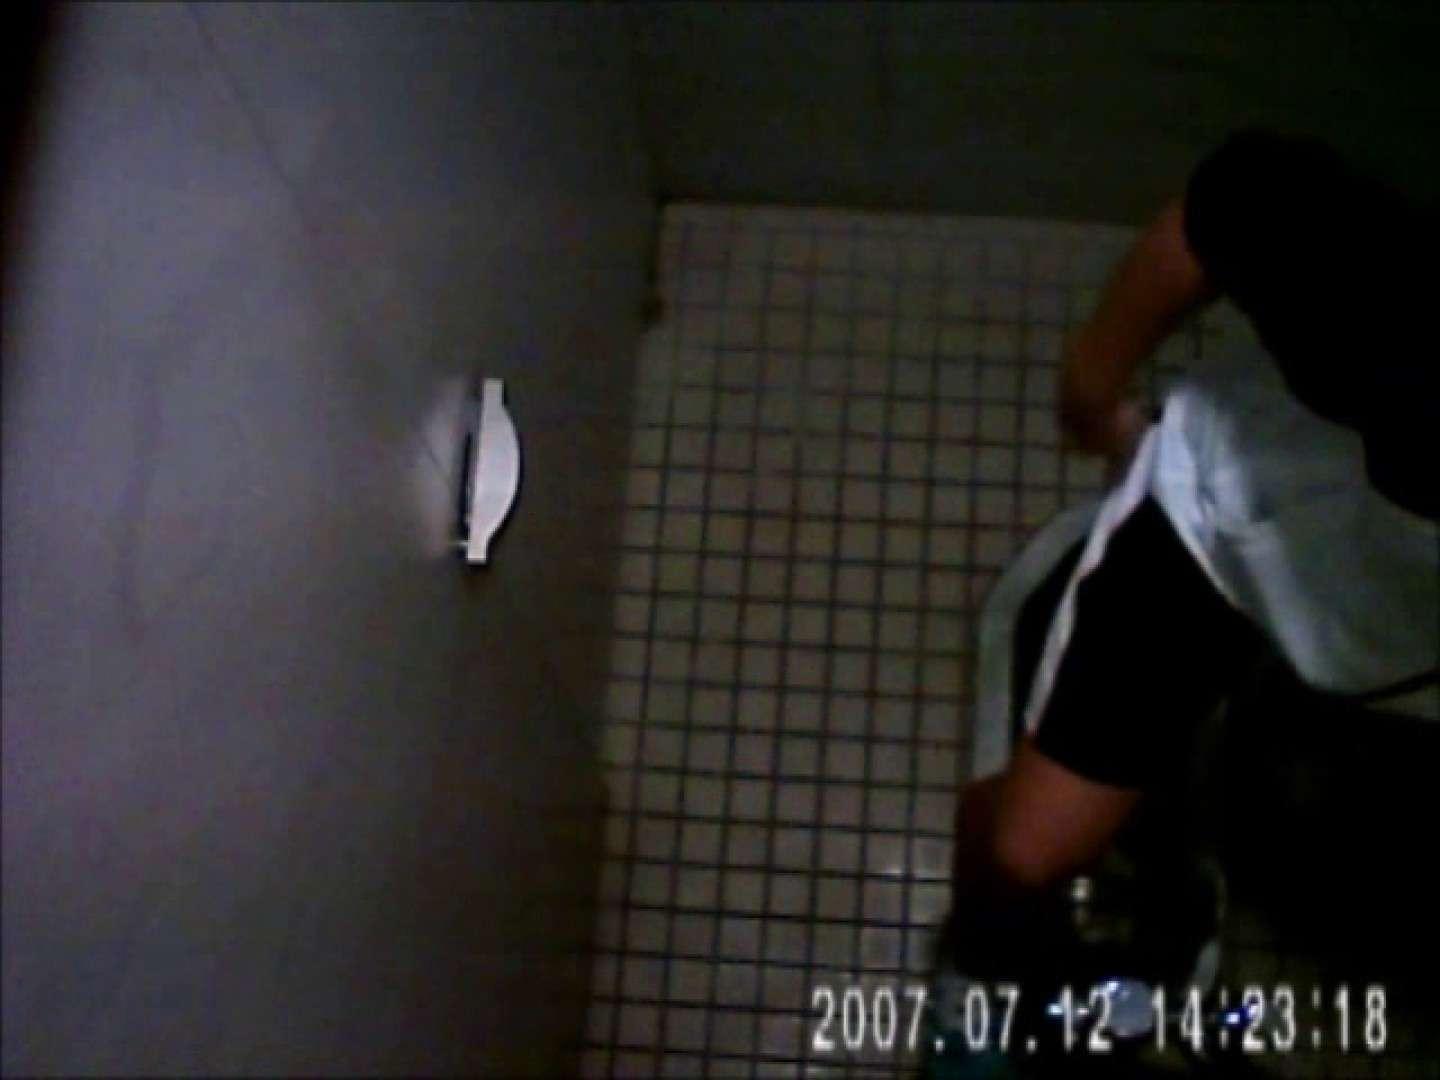 水着ギャル達への挑戦状!そこに罠がありますから!Vol.20 トイレ | OLエロ画像  97PICs 16